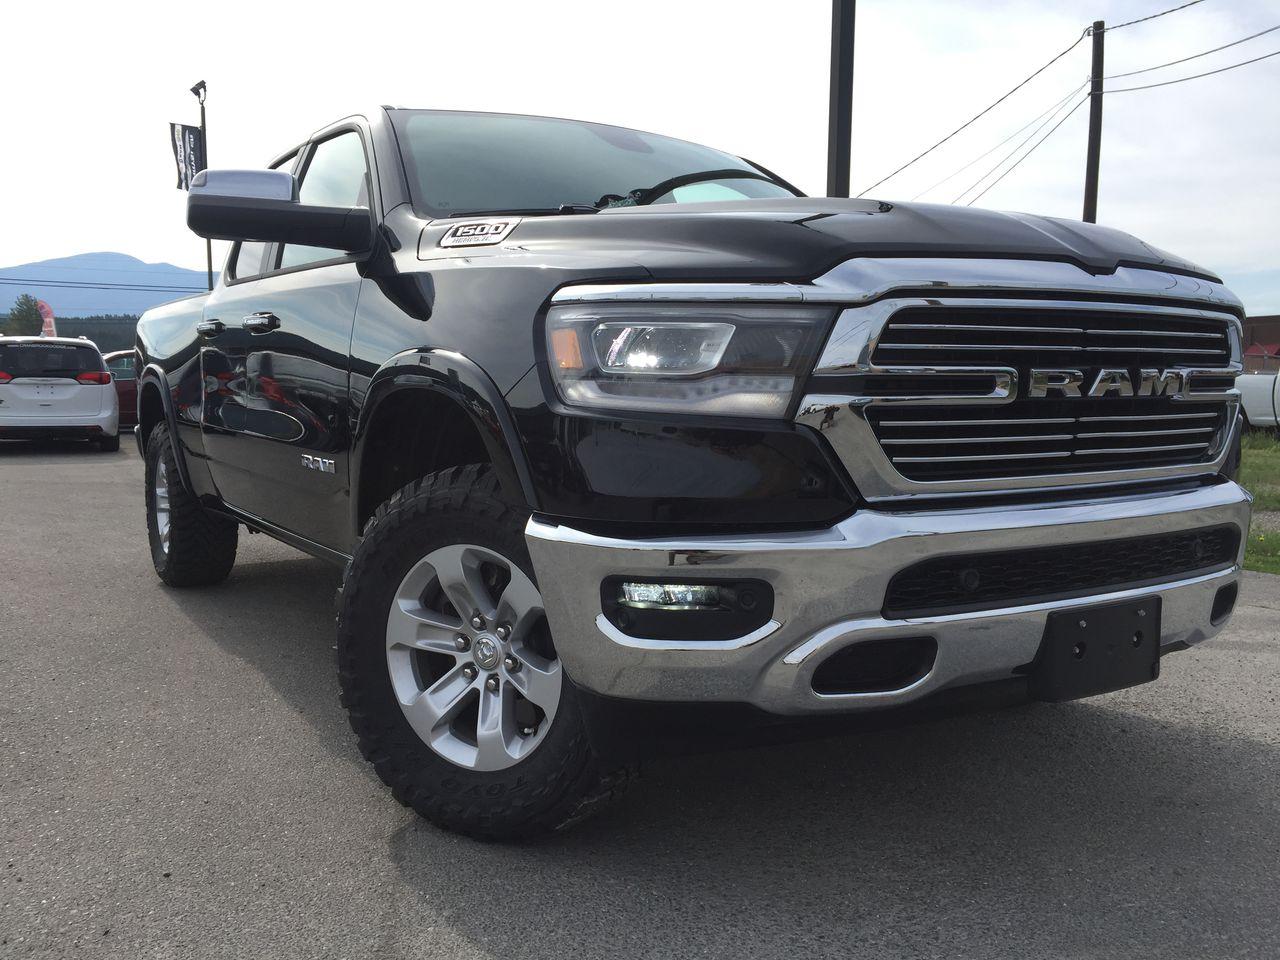 2019 Ram 1500 Laramie Quad 4x4 Truck Quad Cab